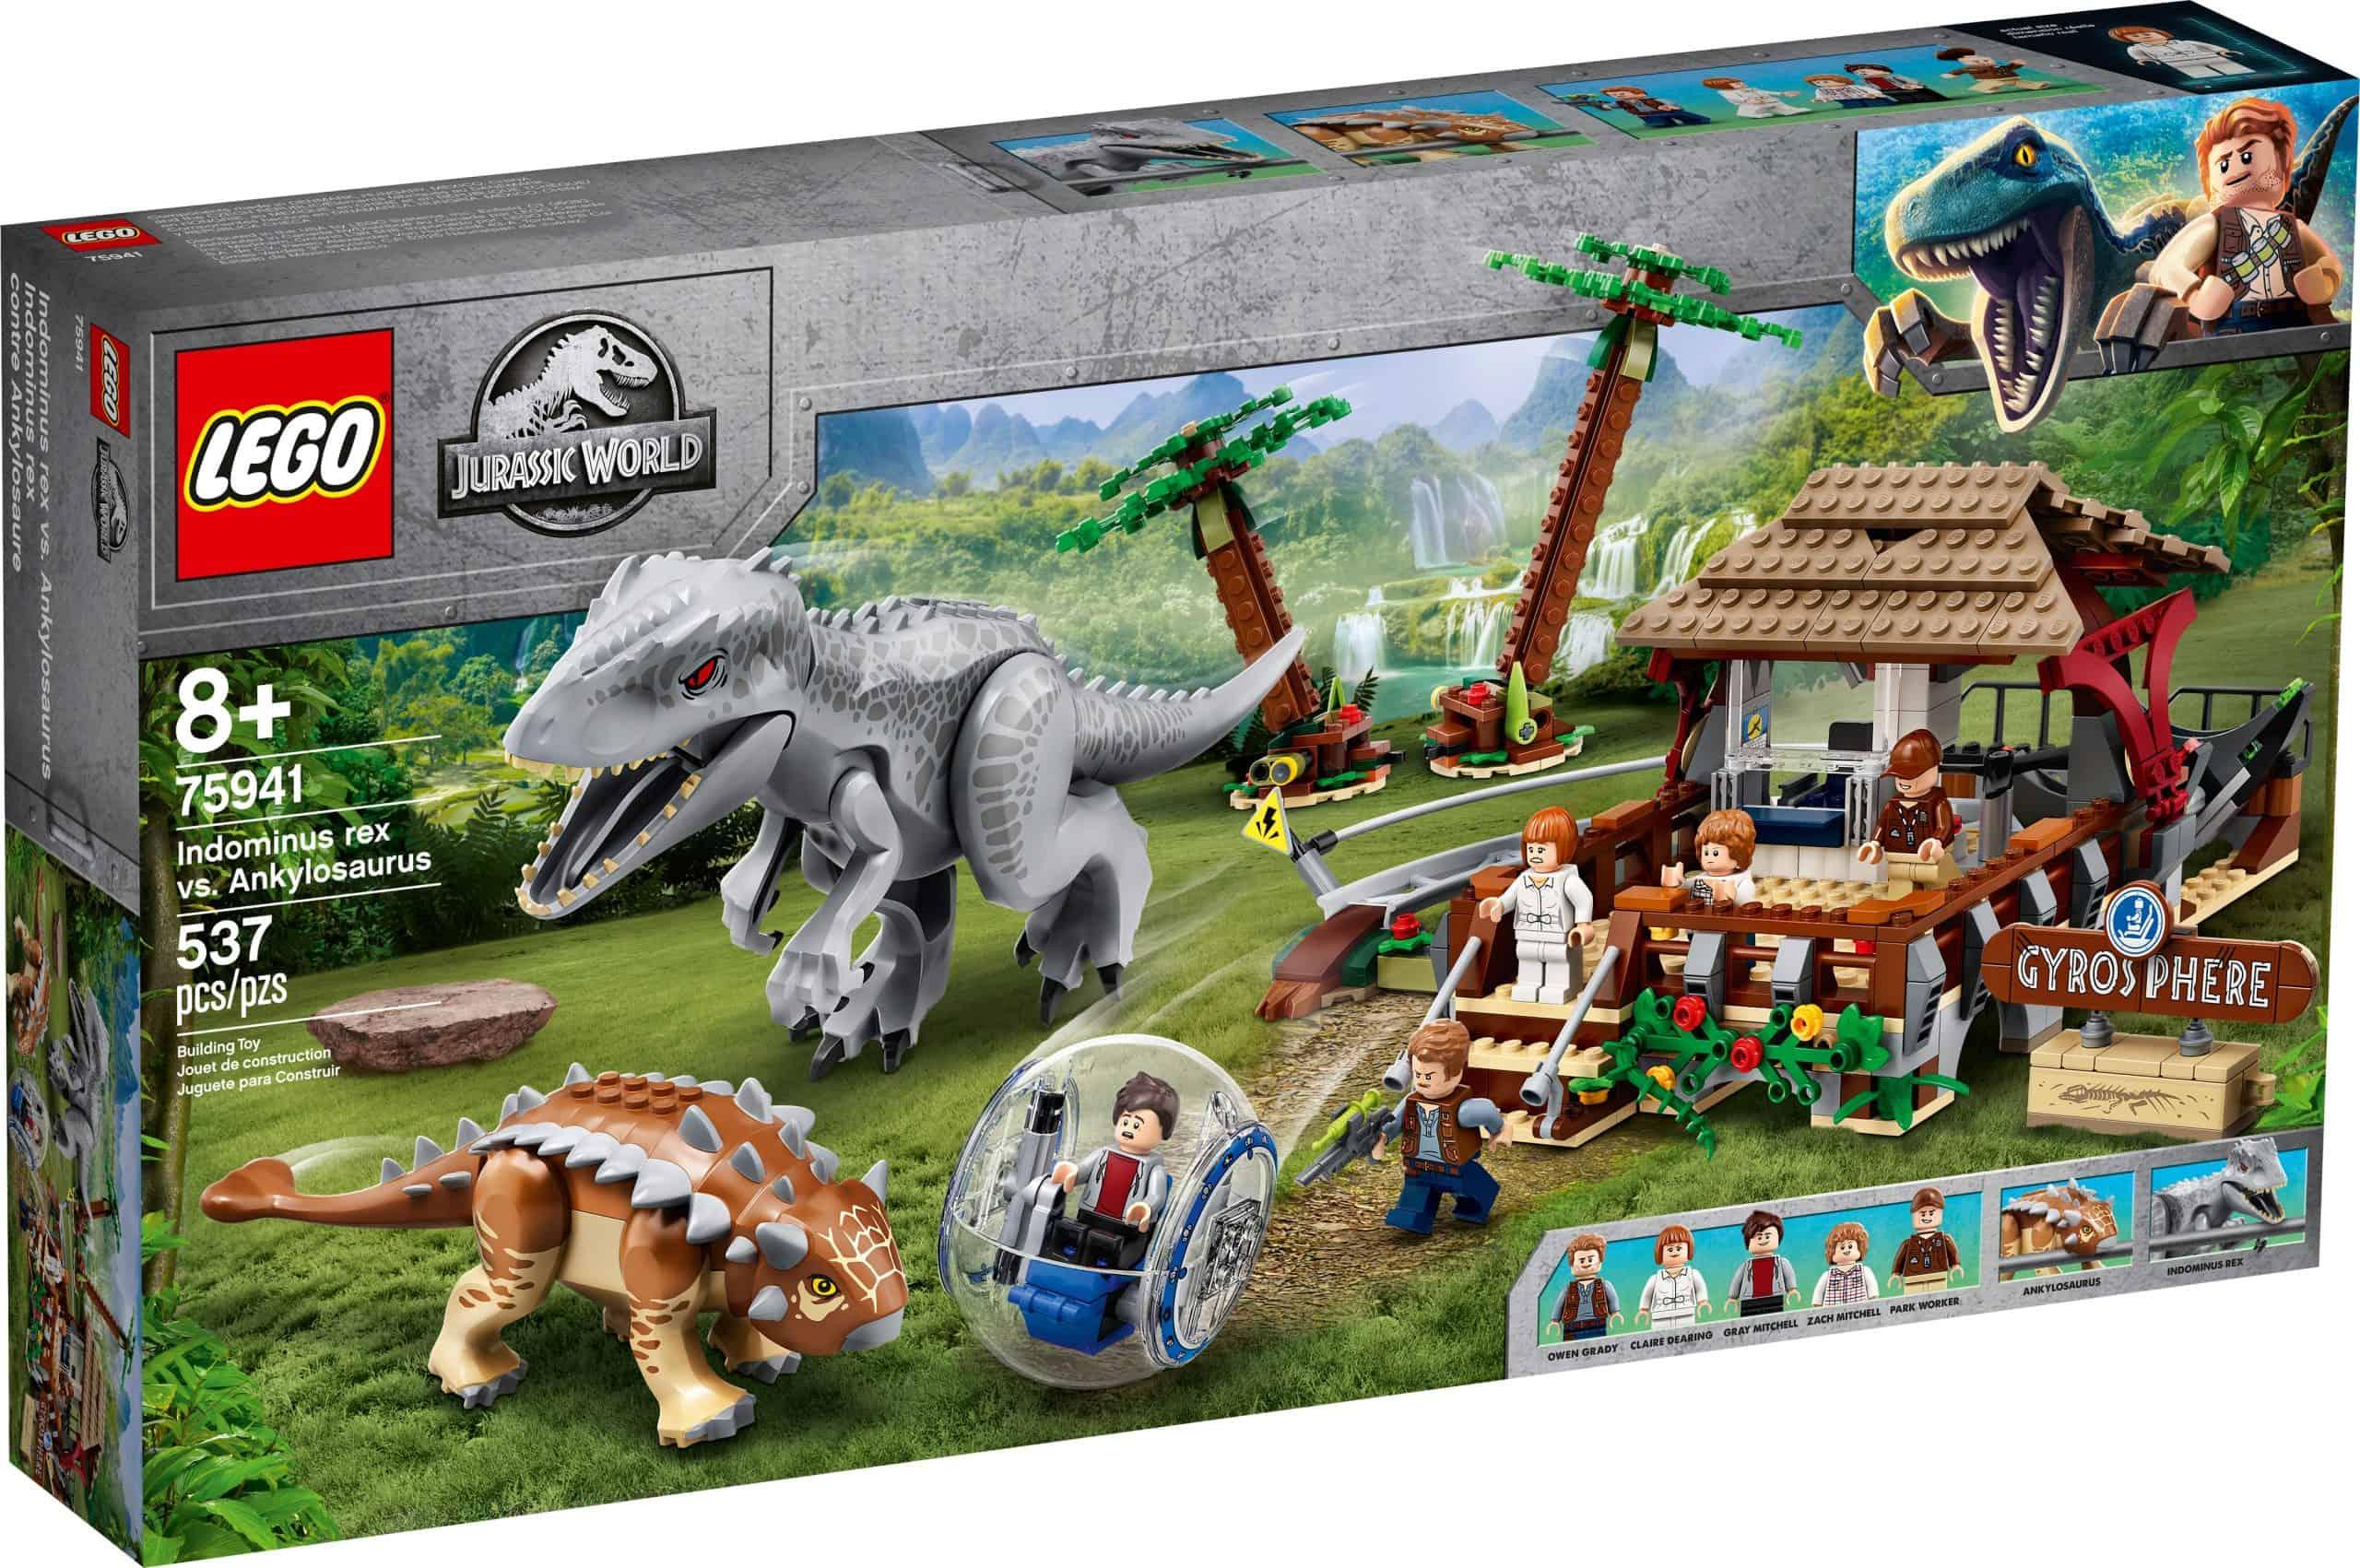 lego 75941 indominus rex mod ankylosaurus scaled